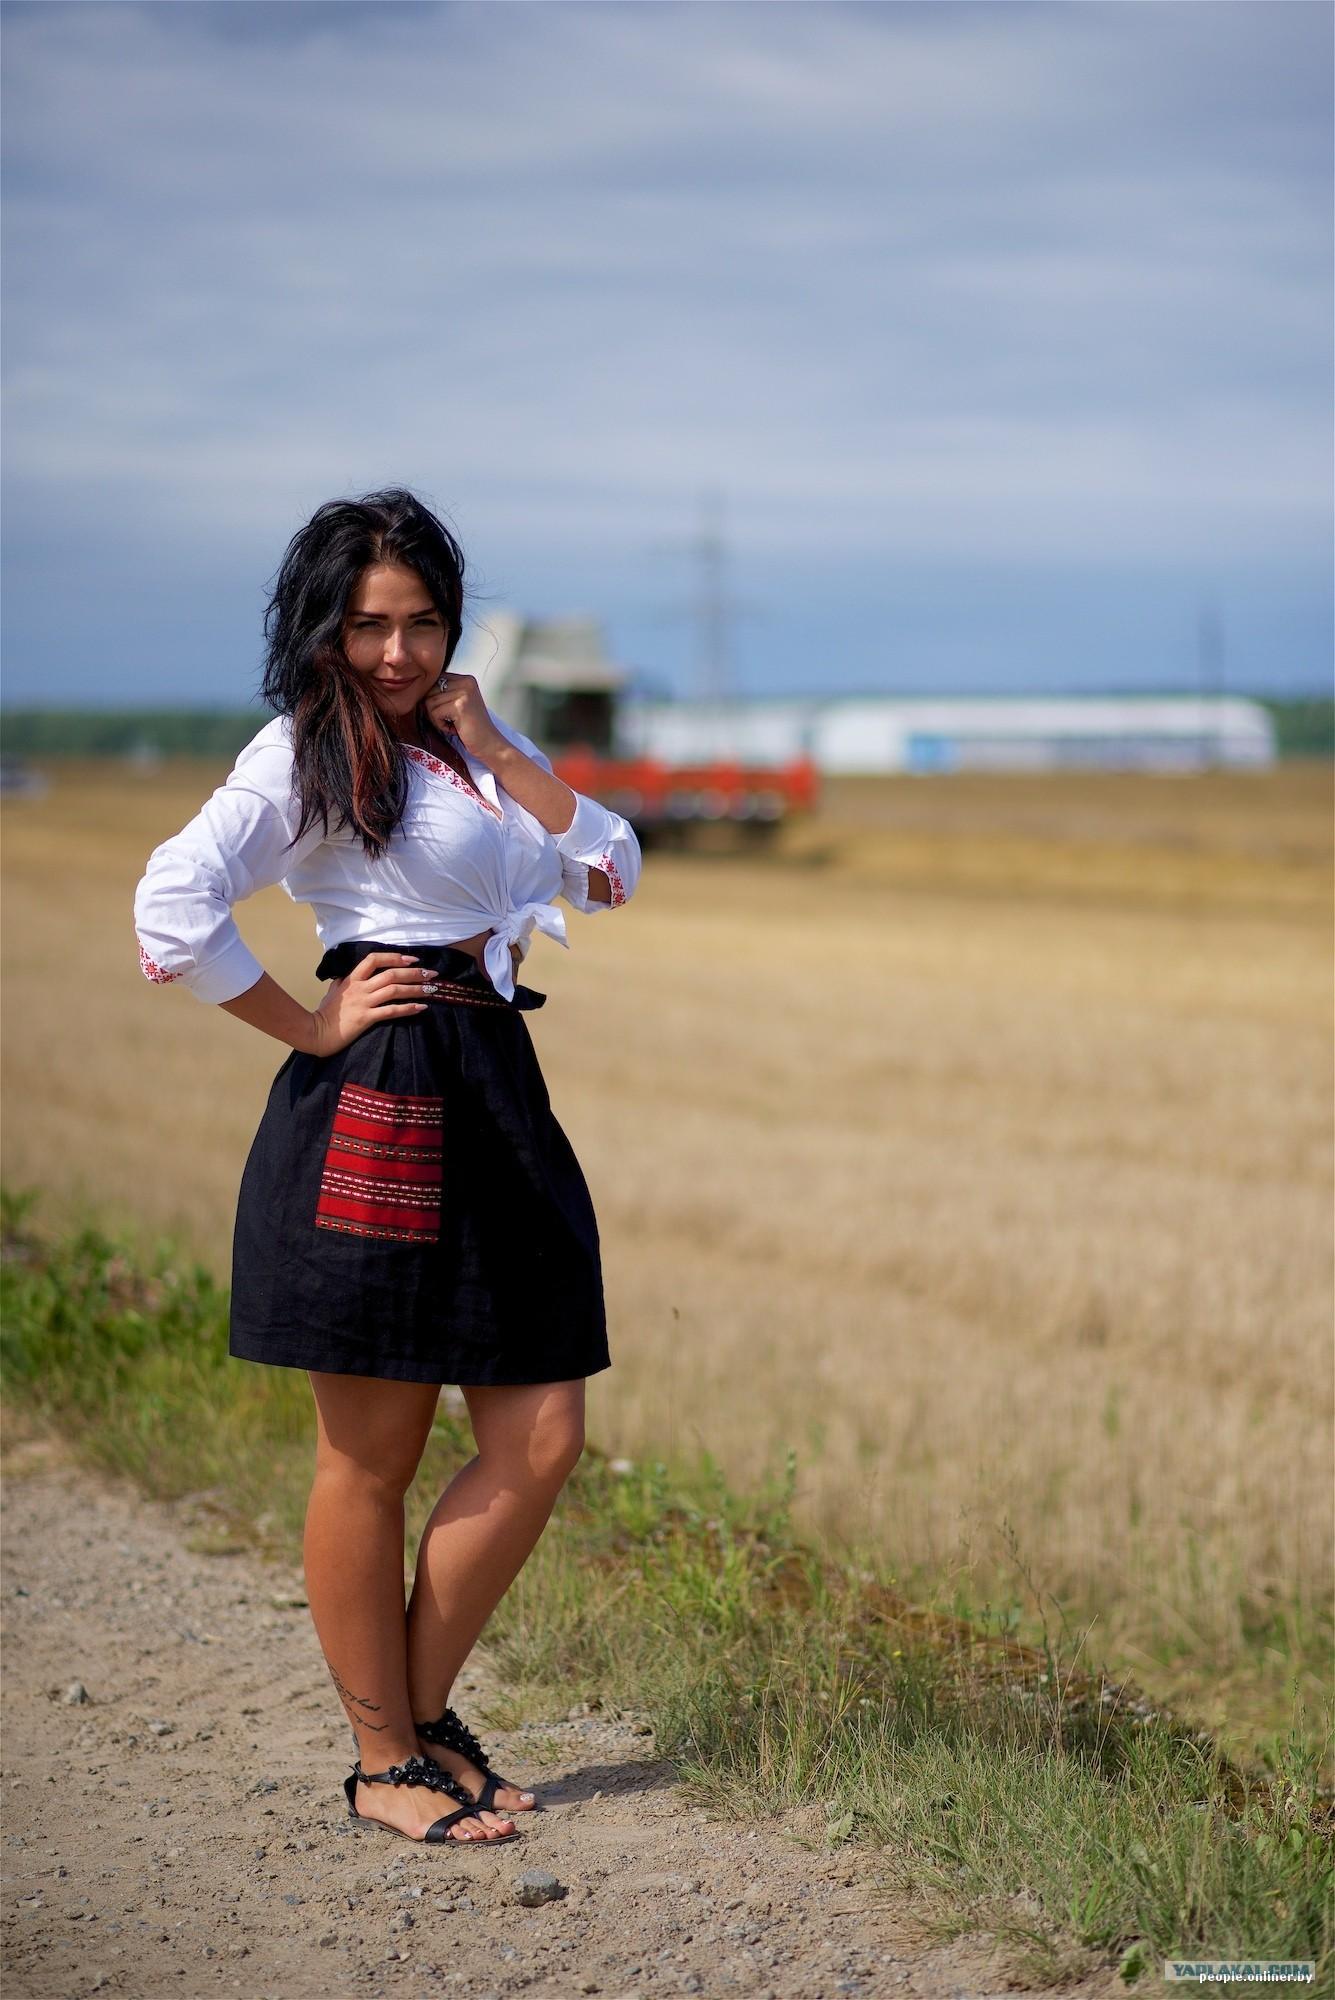 Ебля красивой девочки в поле